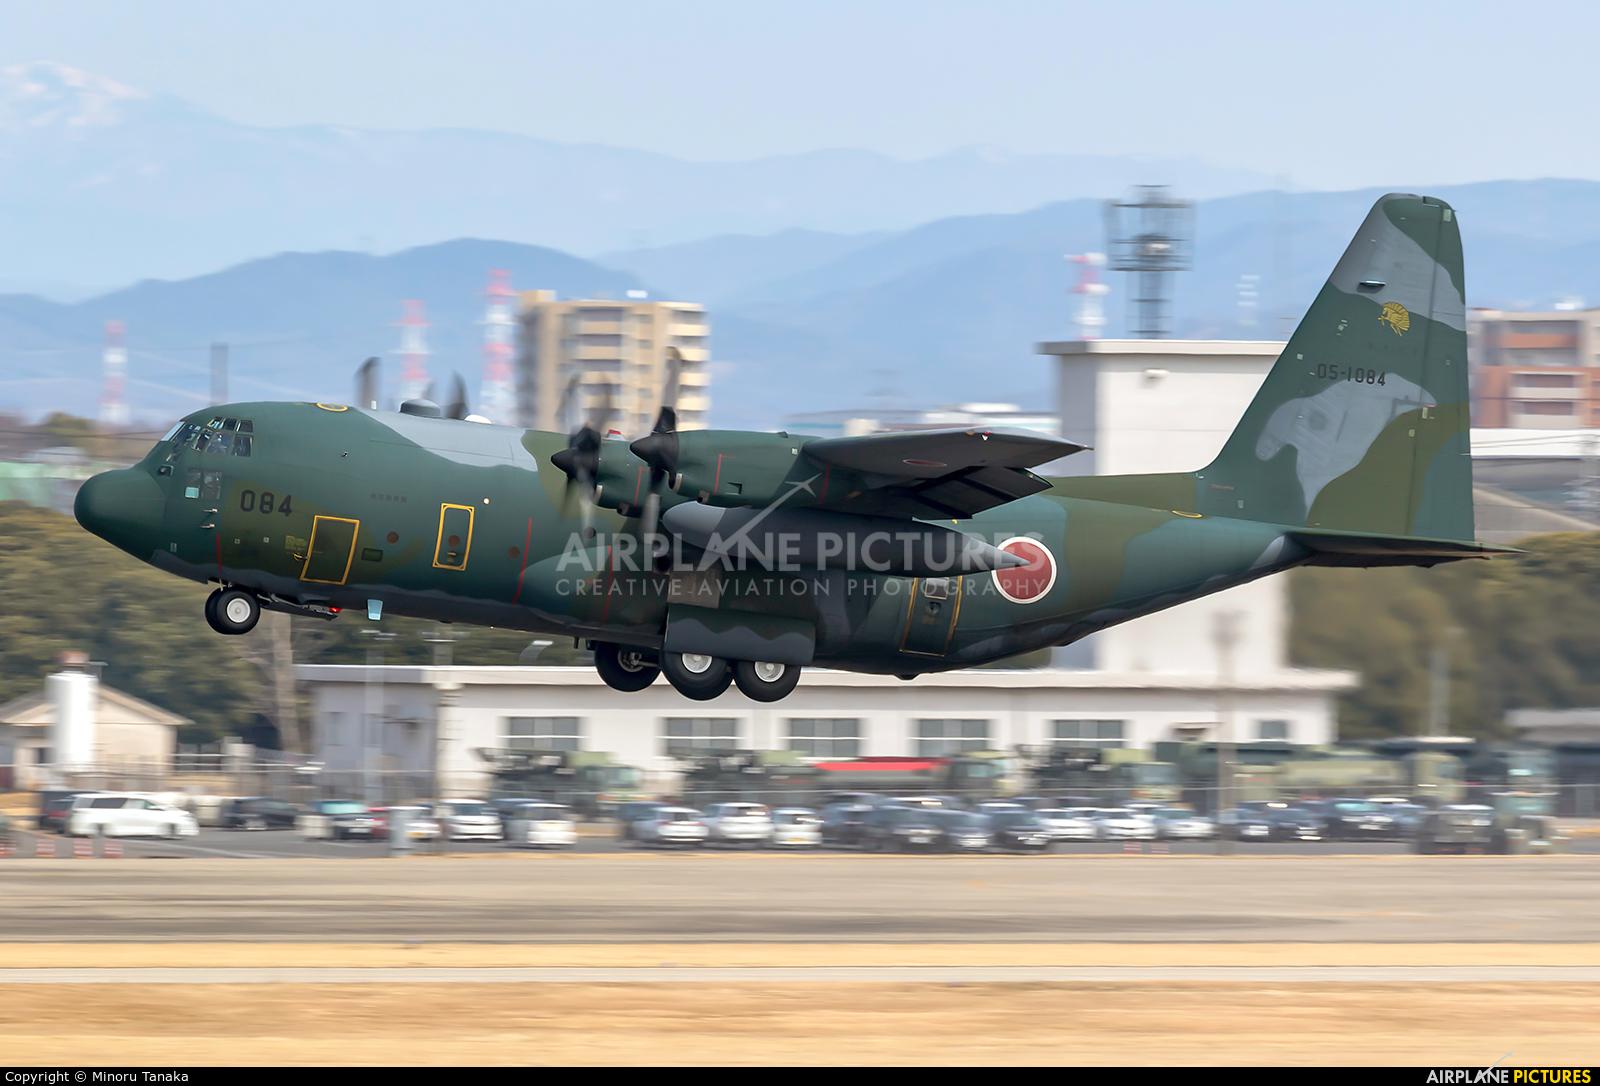 Japan - Air Self Defence Force 05-1084 aircraft at Nagoya - Komaki AB